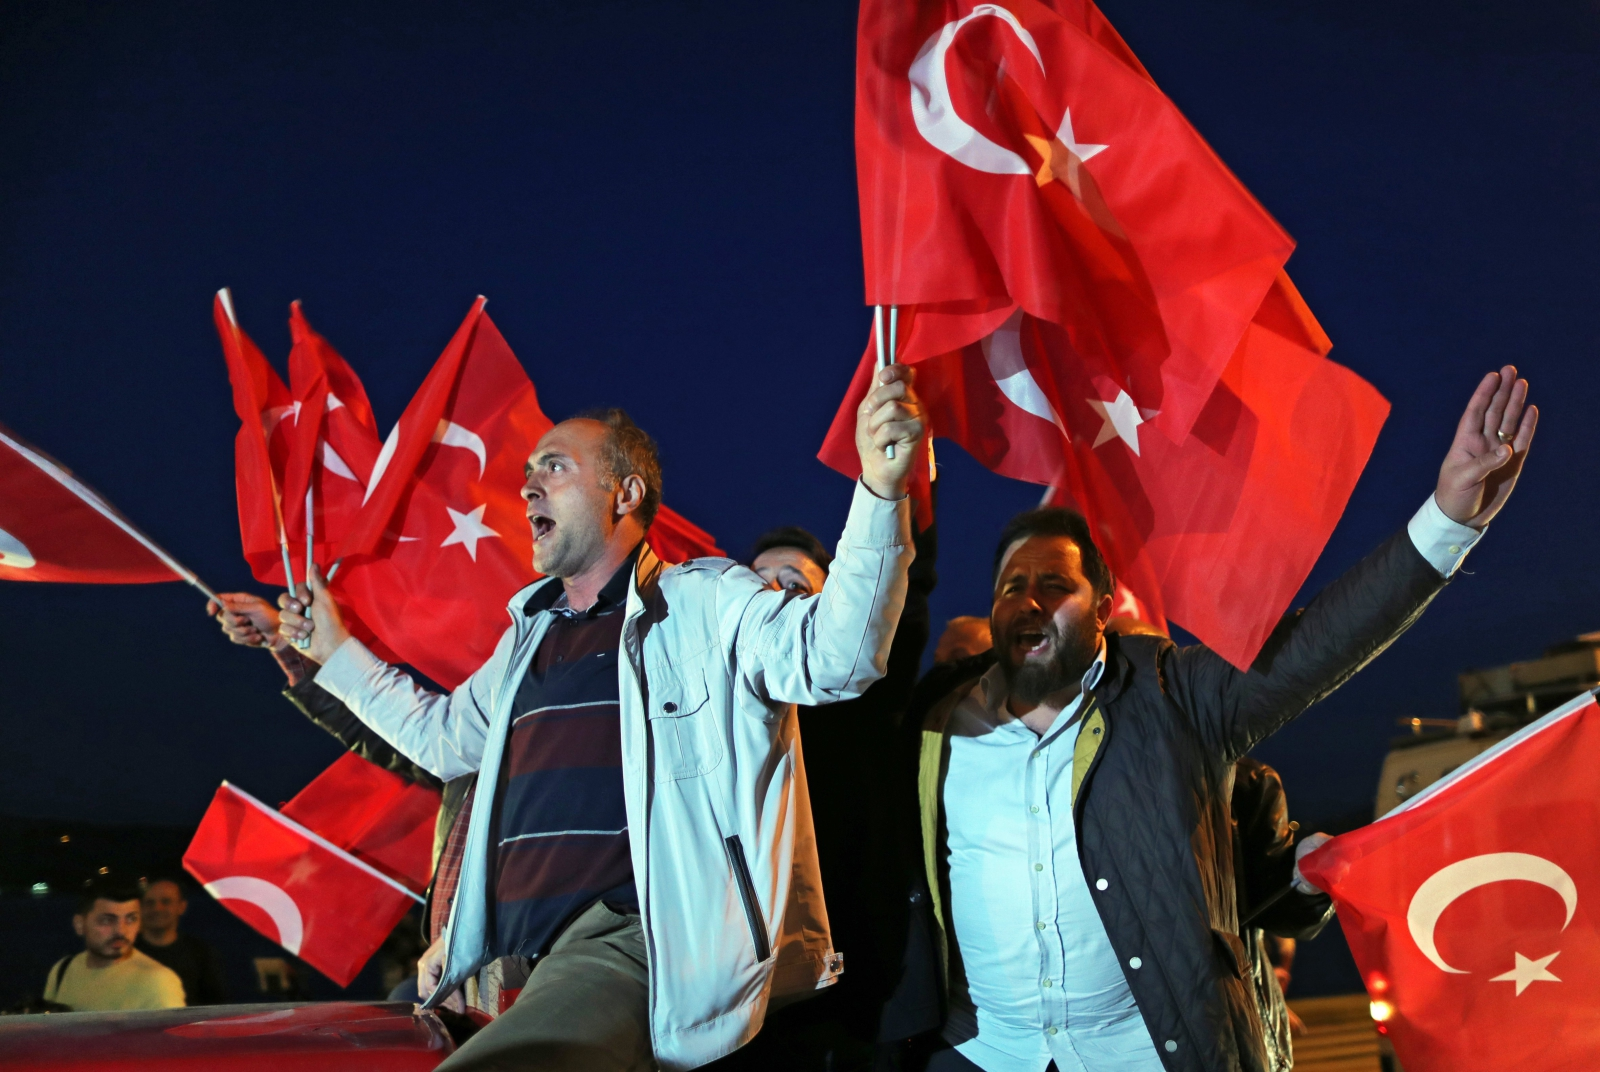 Zwolennicy prezydenta Recepa Erdogana czekają na wyniki referendum konstytucyjnego, Stambuł, Turcja.